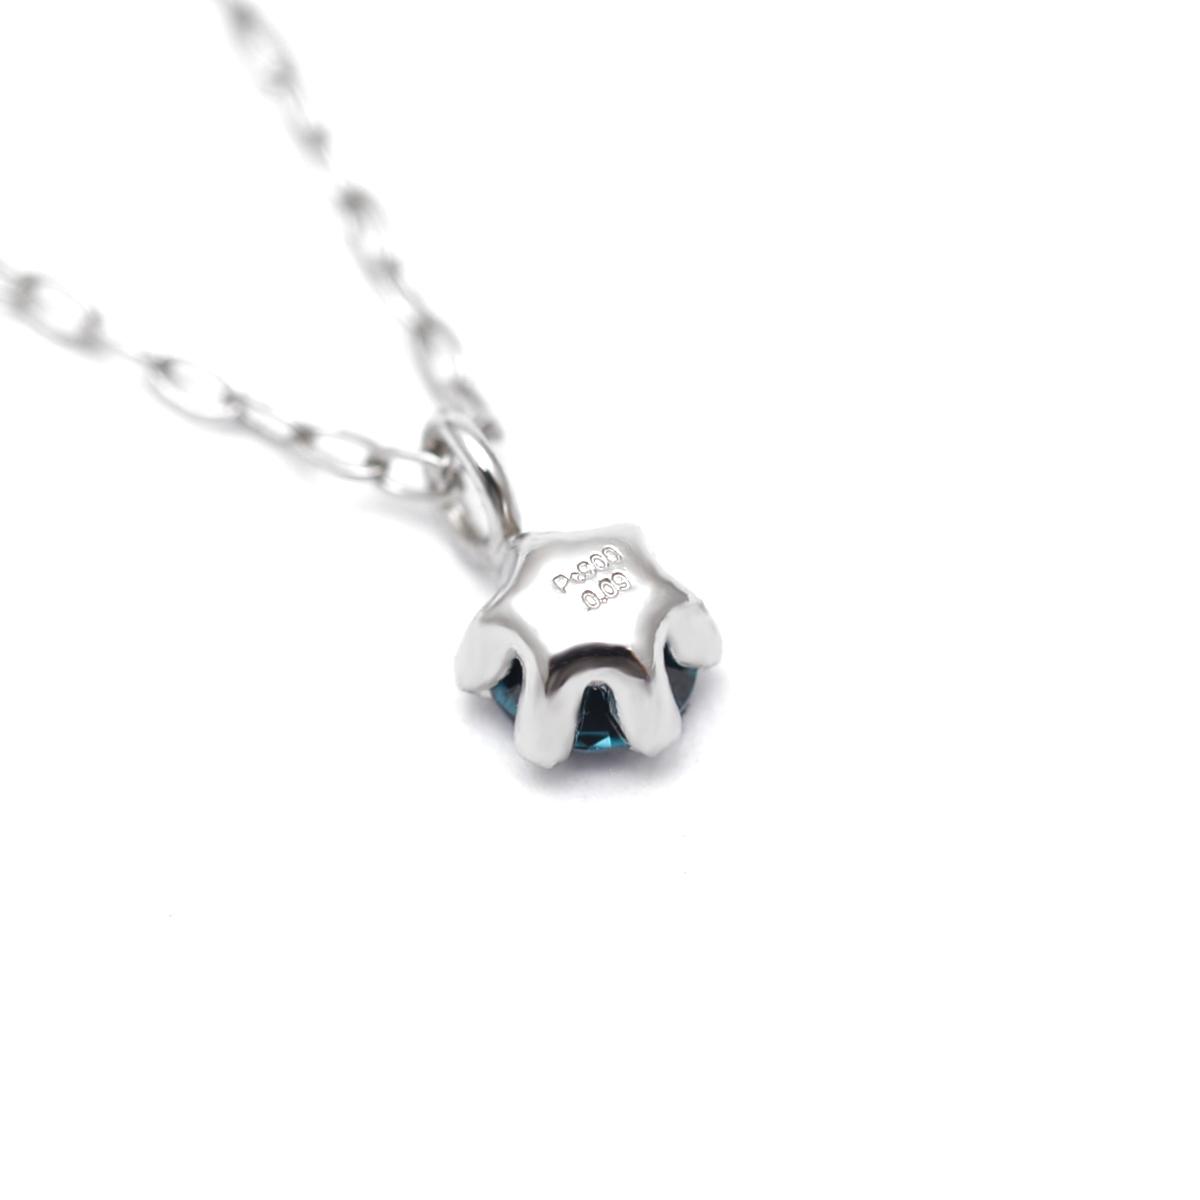 k18ネックレス ハワイアンジュエリー ネックレス 一粒ダイヤネックレス ハワイアンファンシーカラーダイヤモンドネックレス ワイキキブルー 0.09ct  Pt900 K18 (チェーンPt850) ane1622/新作